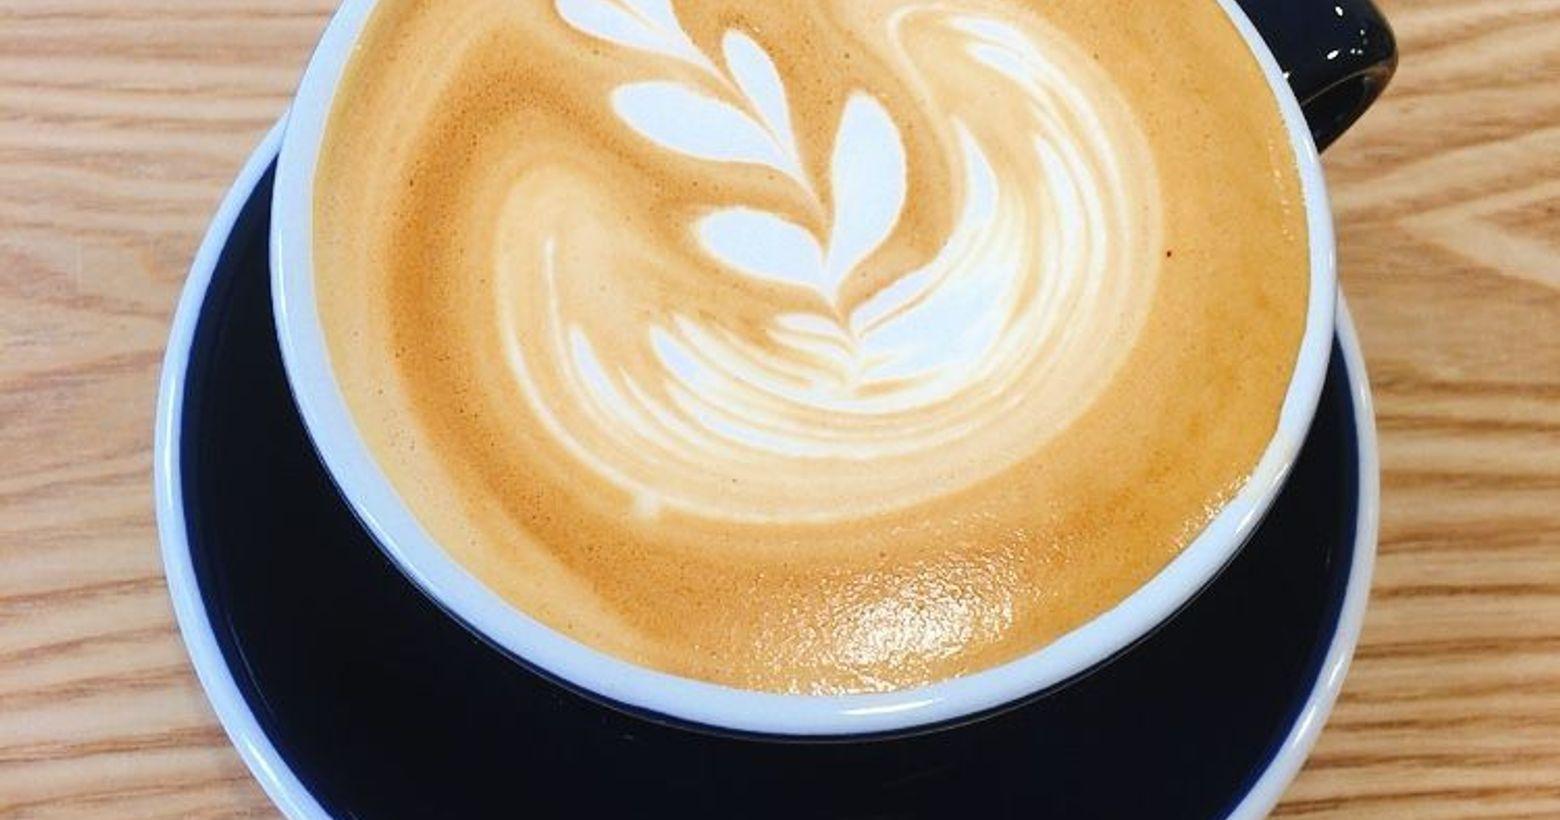 【台北士林區美食推薦筆記】充滿溫度的-第二人生咖啡館 Second Life Coffee打算自立門